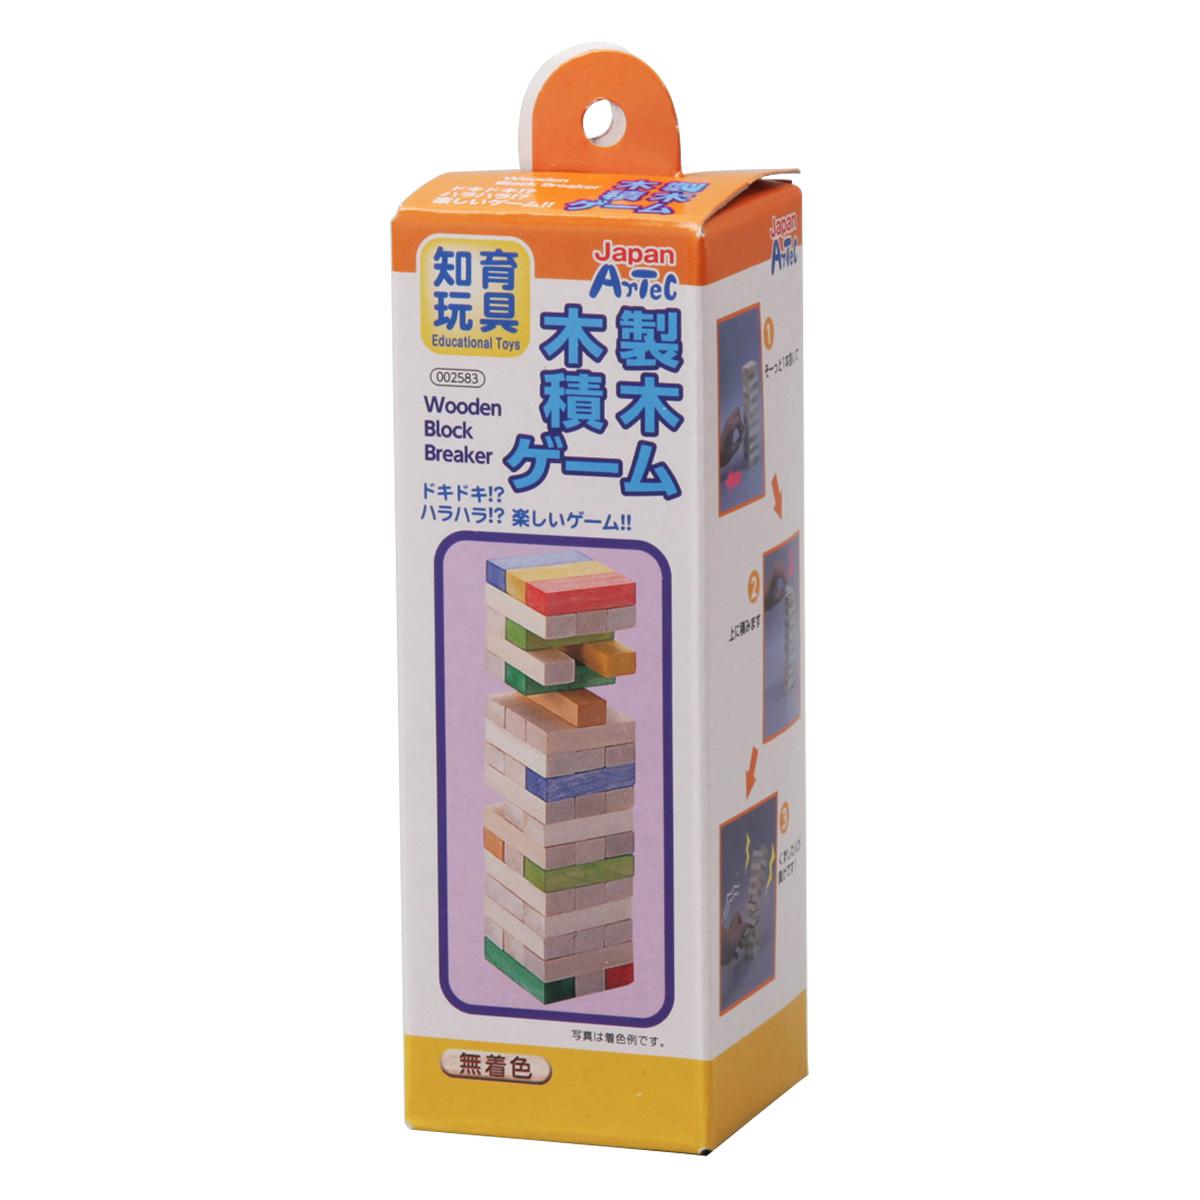 木製積木ゲーム 知育玩具 積み木 ゲーム 幼児 保育園 幼稚園 おもちゃ 子供 クリスマスプレゼント